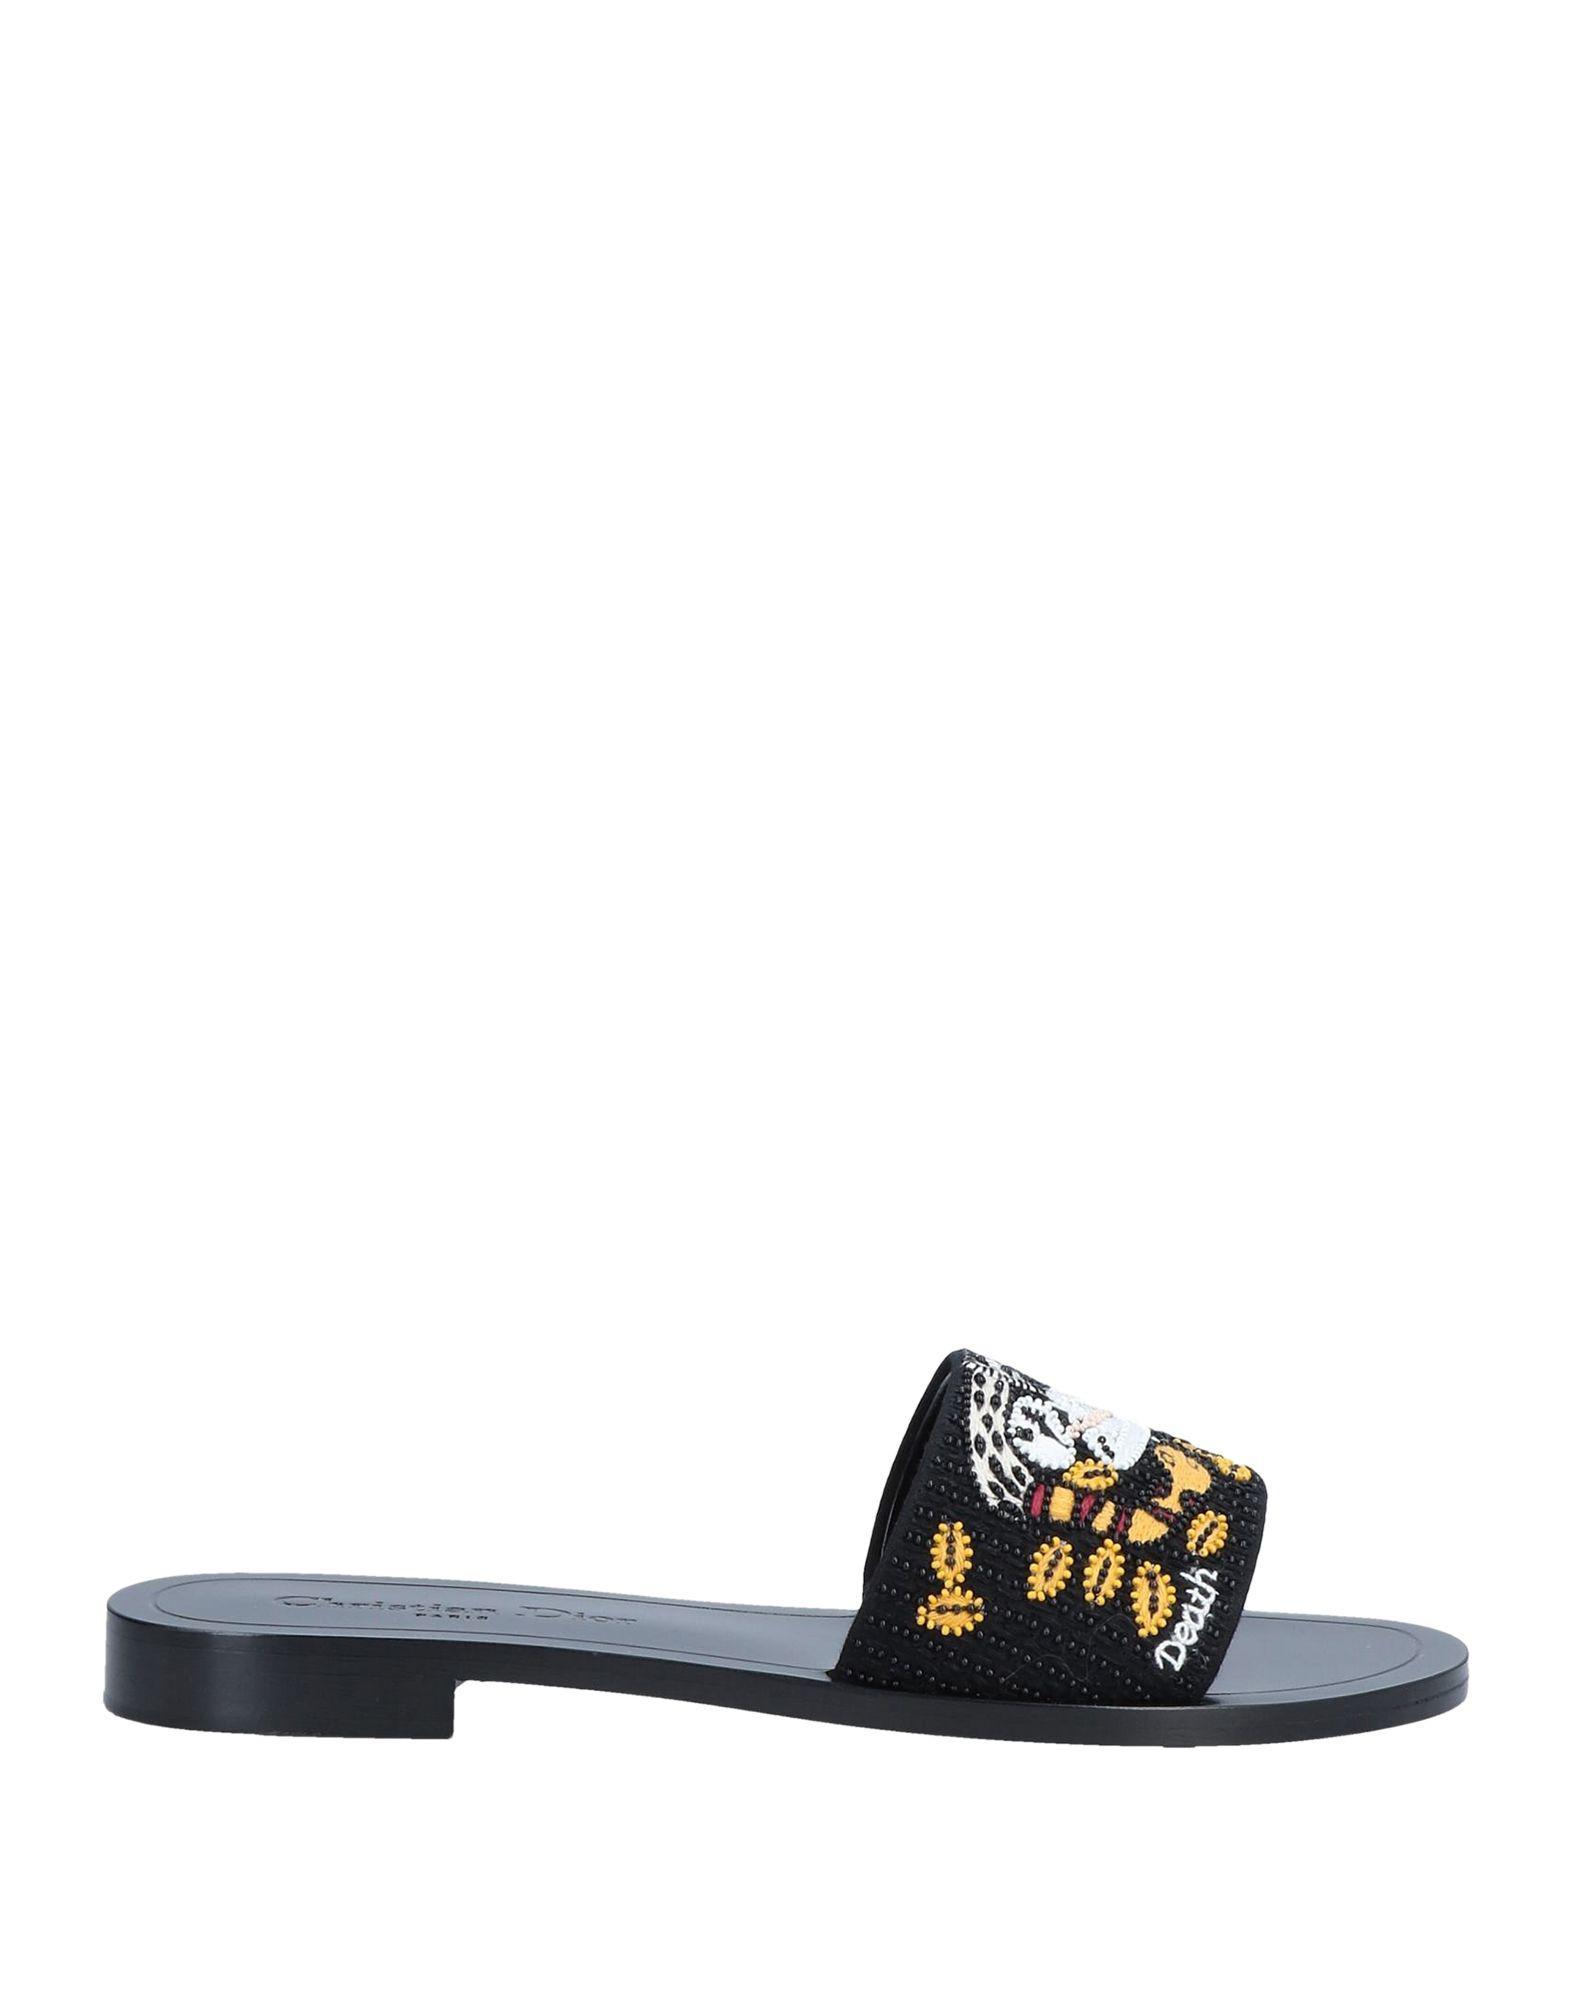 b20ef3e678e Lyst - Dior Sandals in Black